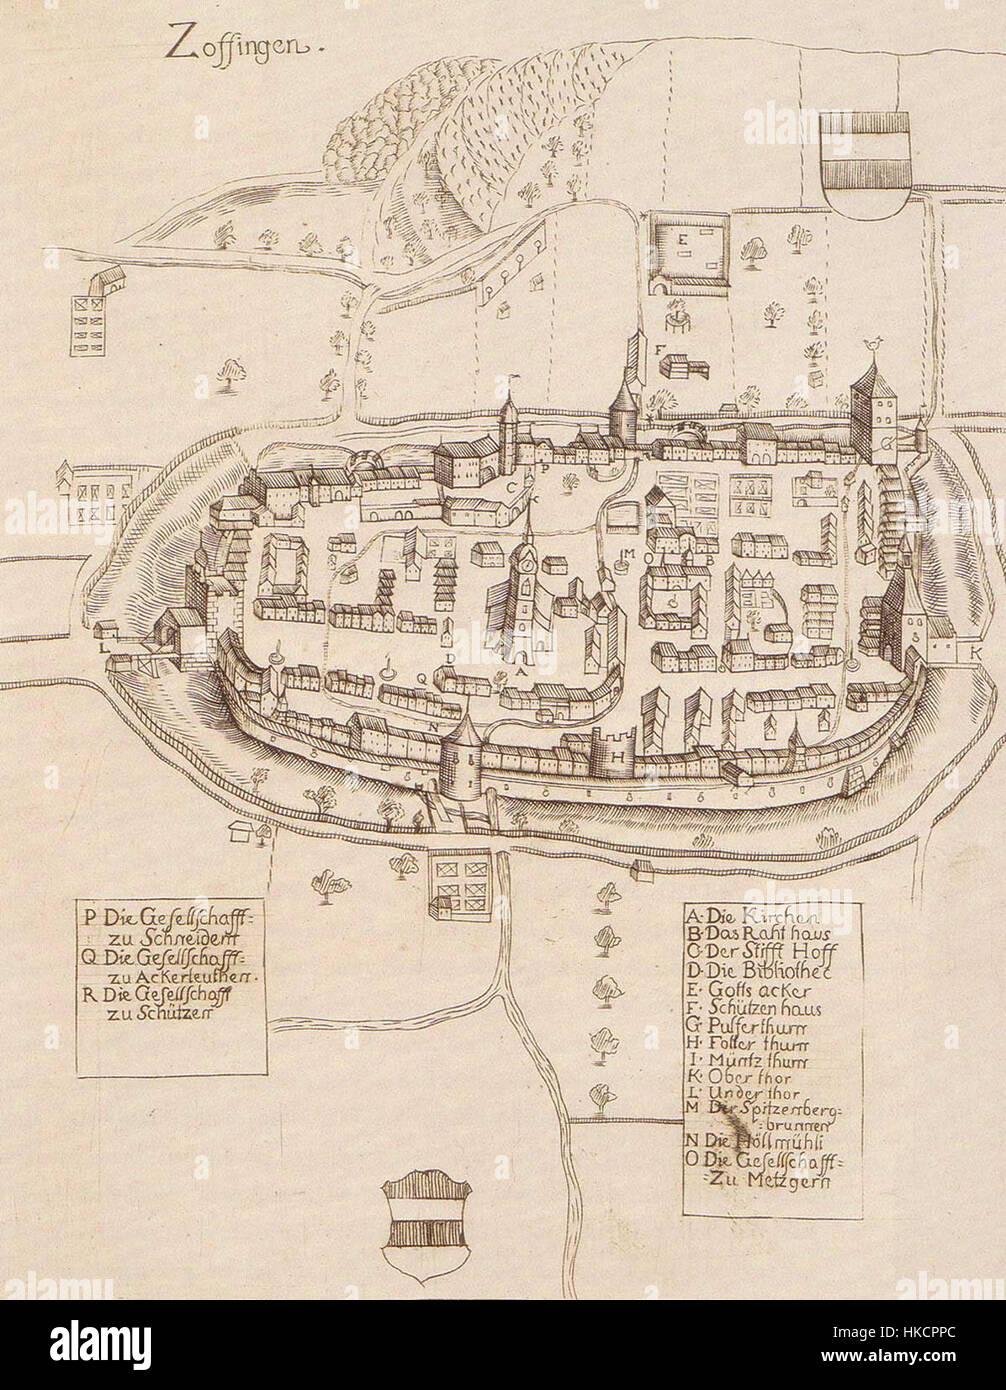 Zofingen 1715 - Stock Image